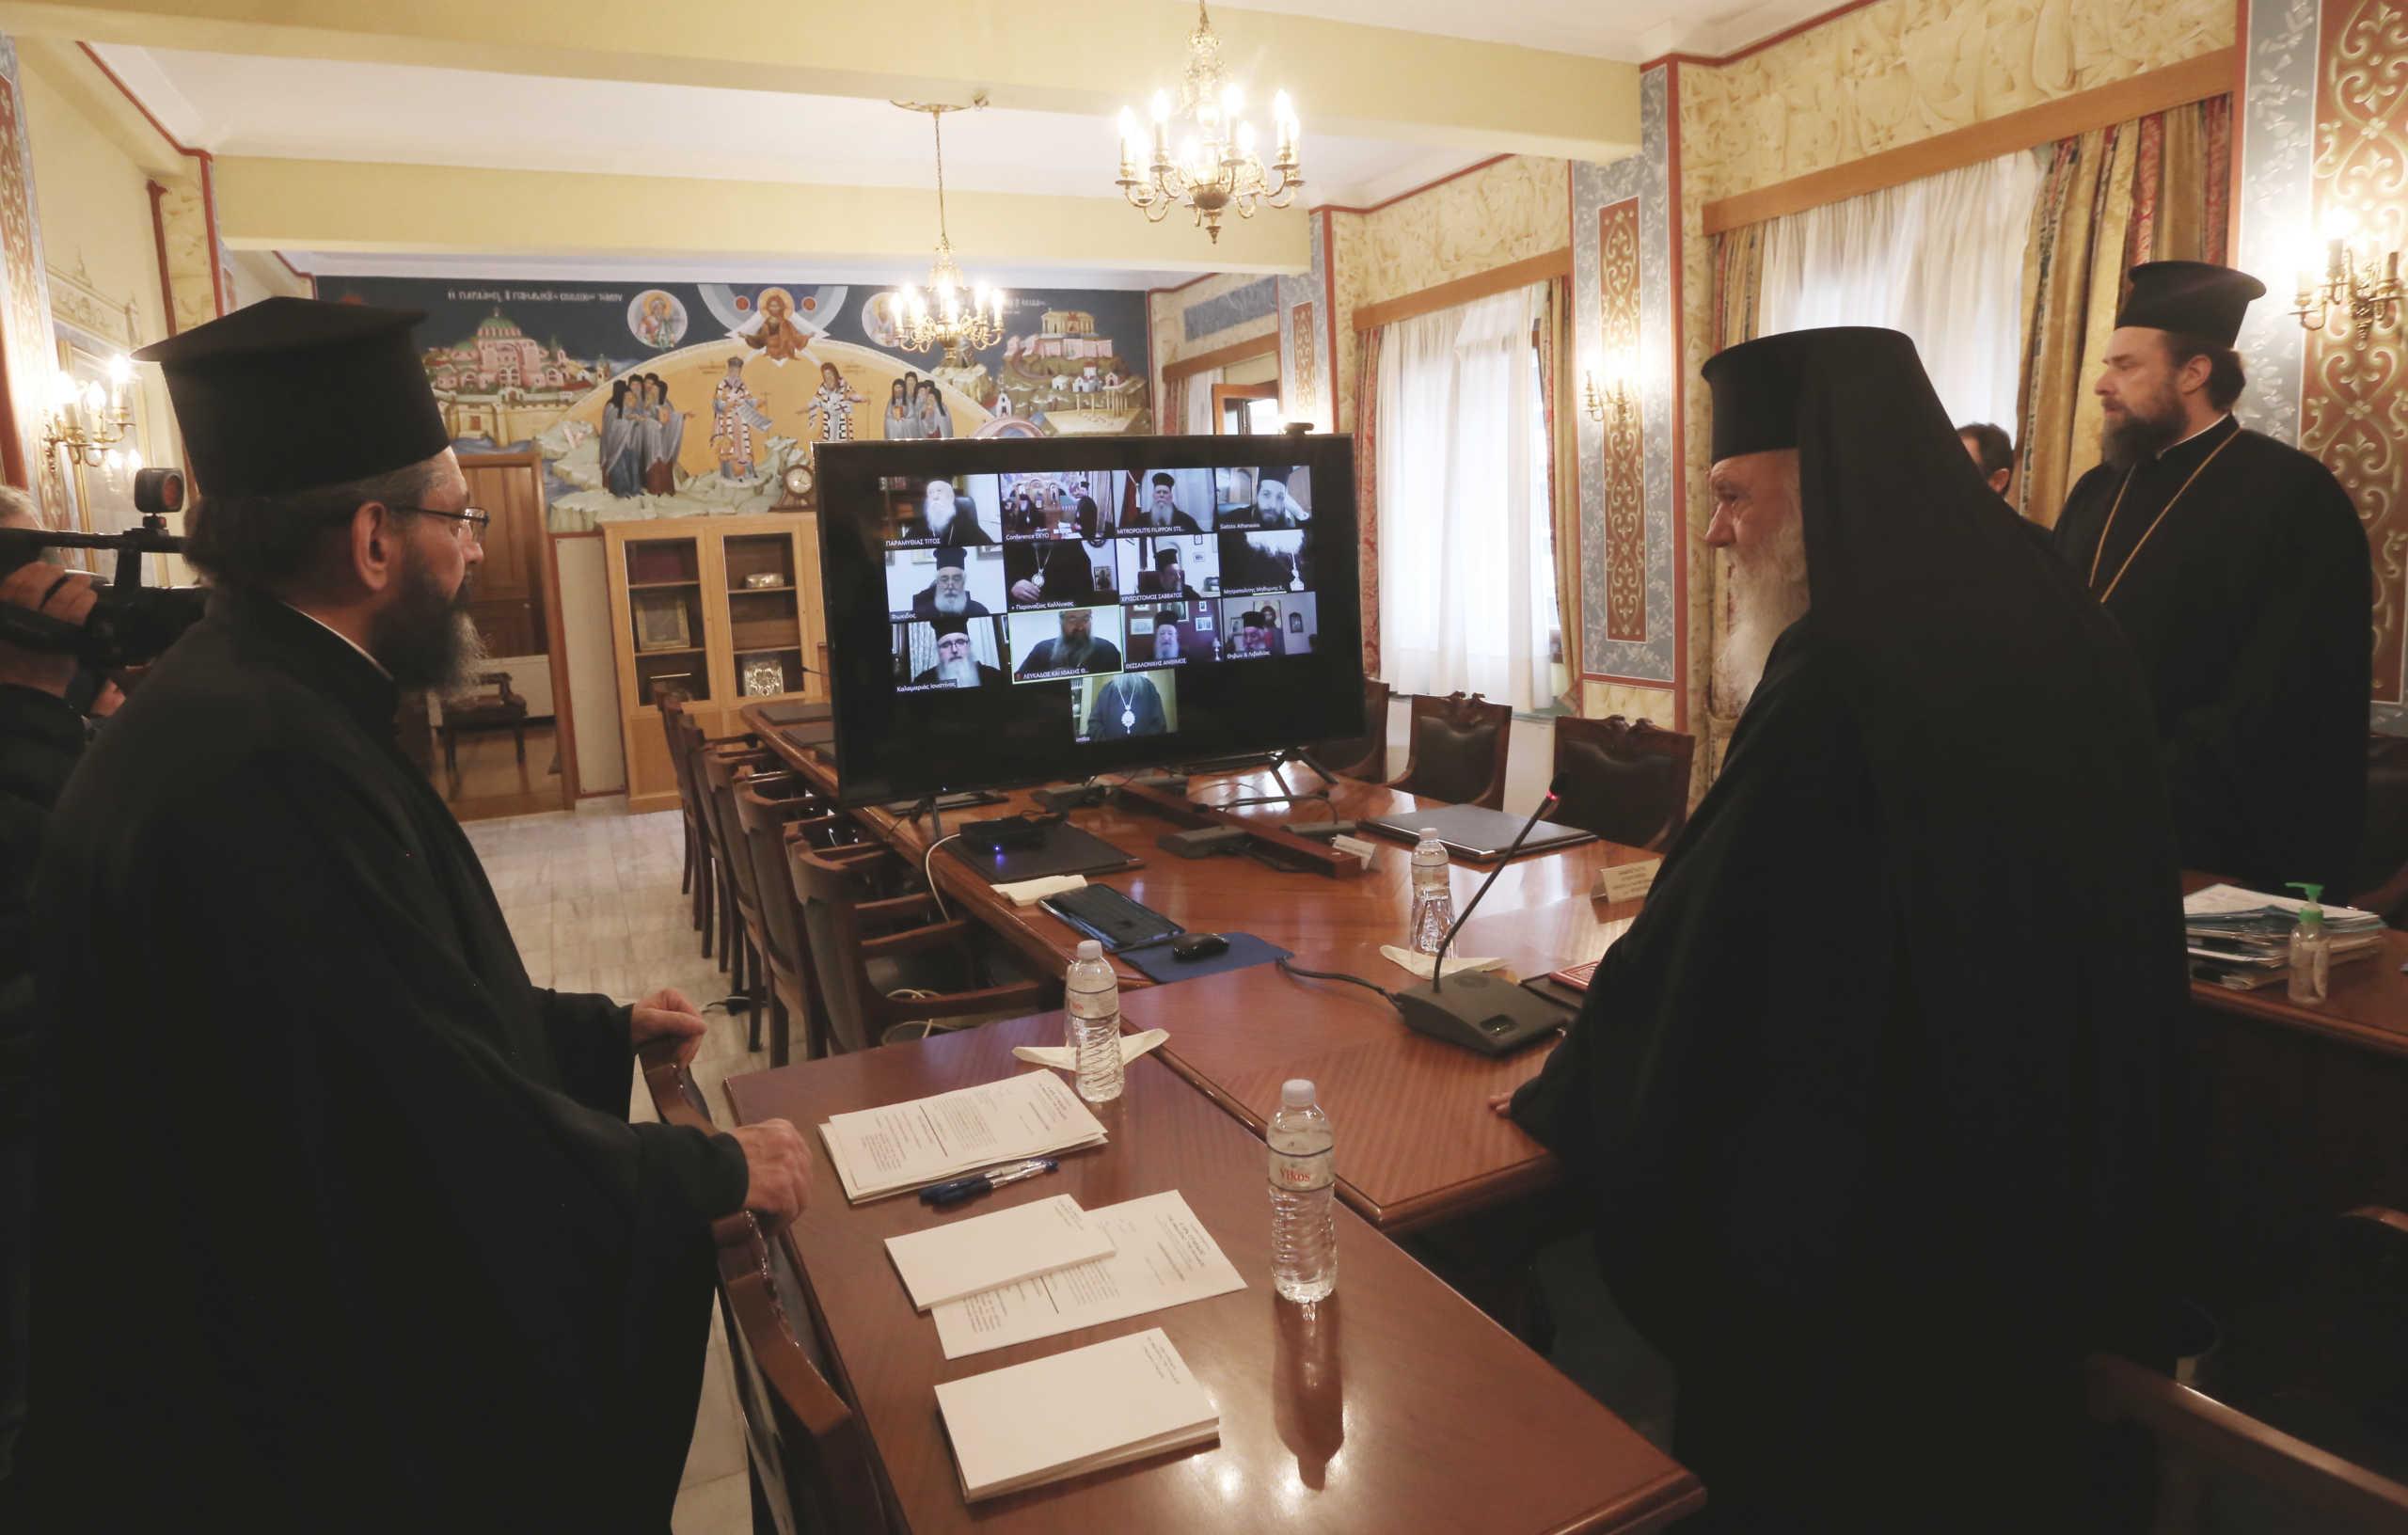 Τηλεδιάσκεψη και προσευχή! Η εισήγηση Ιερώνυμου στην Ιερά Σύνοδο και τι σκοπεύει να απαντήσει η κυβέρνηση